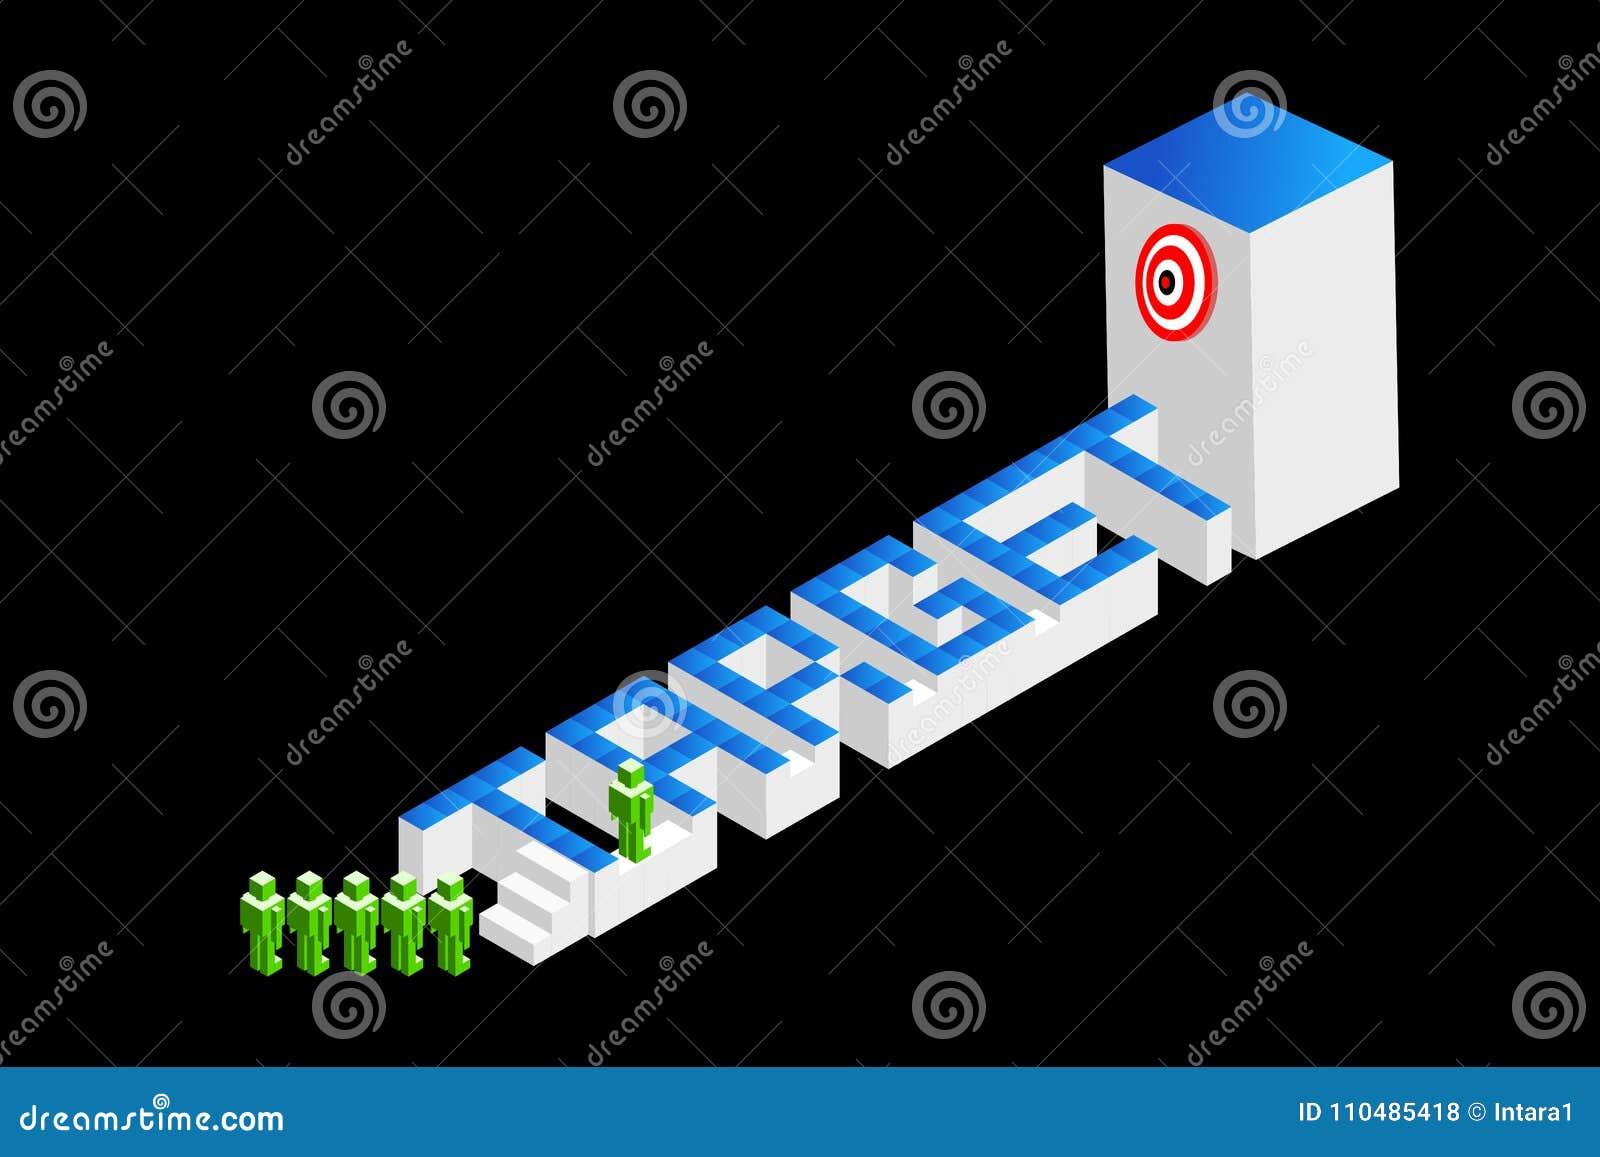 Concetti di lavoro di squadra, di pianificazione strategica, o di concorrenza Illustrazione di vettore Isolato su priorità bassa